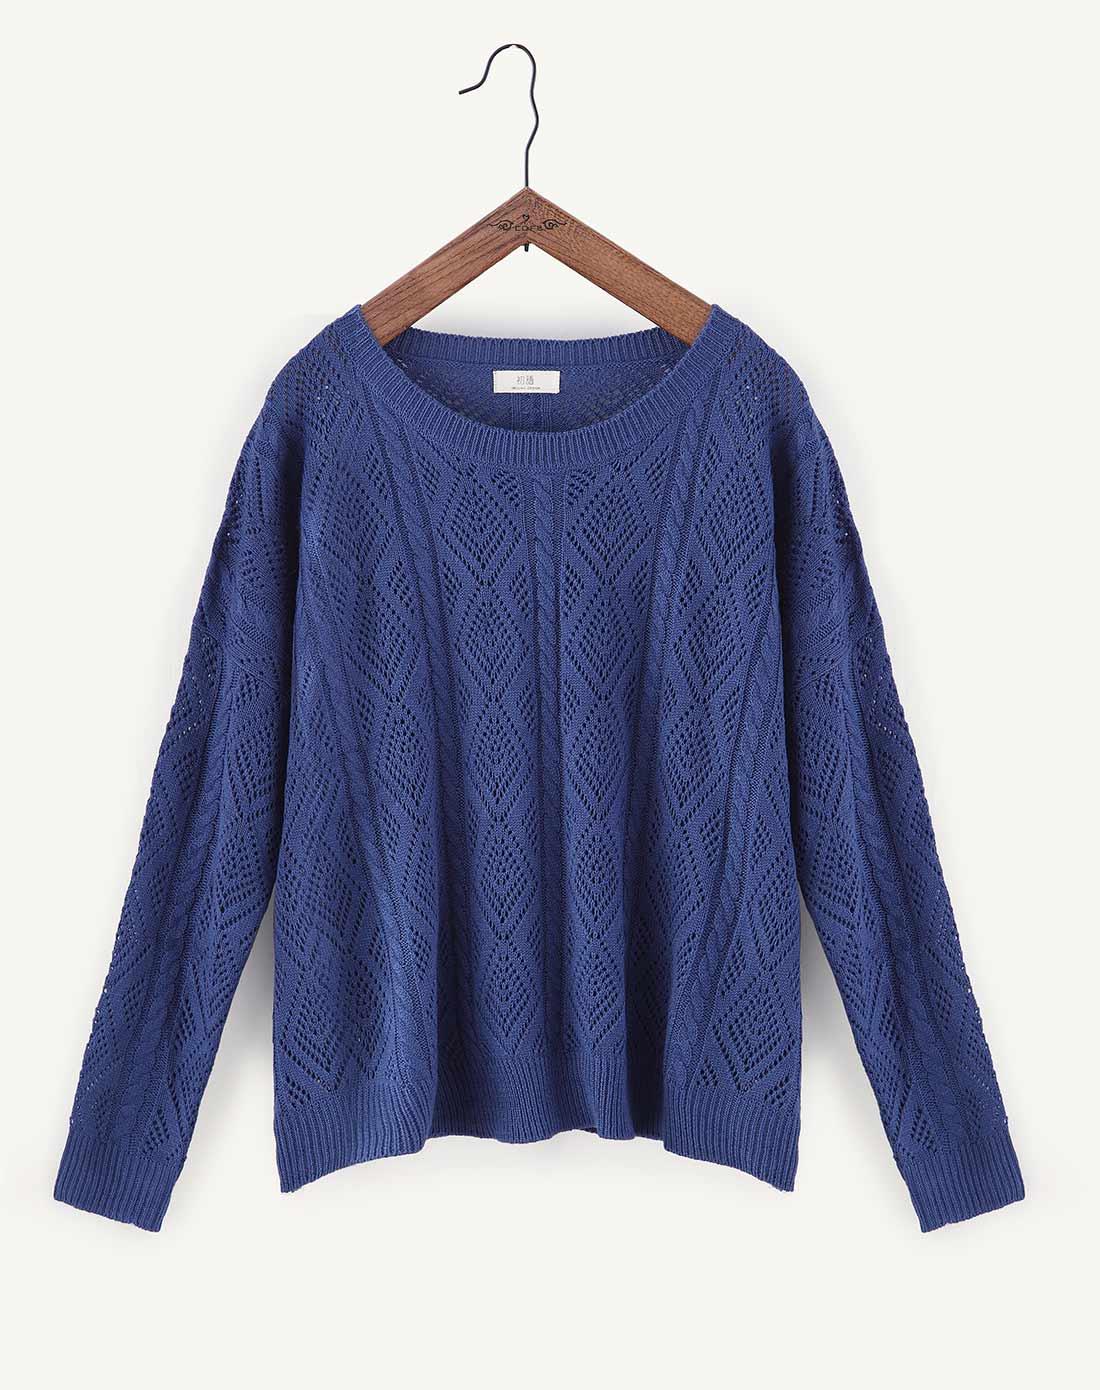 星空蓝色宽松菱形花纹镂空毛衣